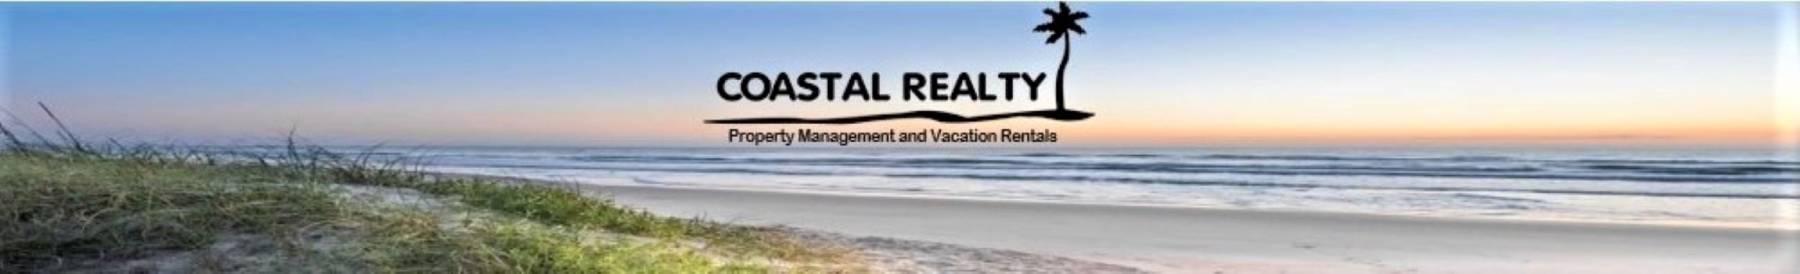 Coastal Realty Vacation Rentals